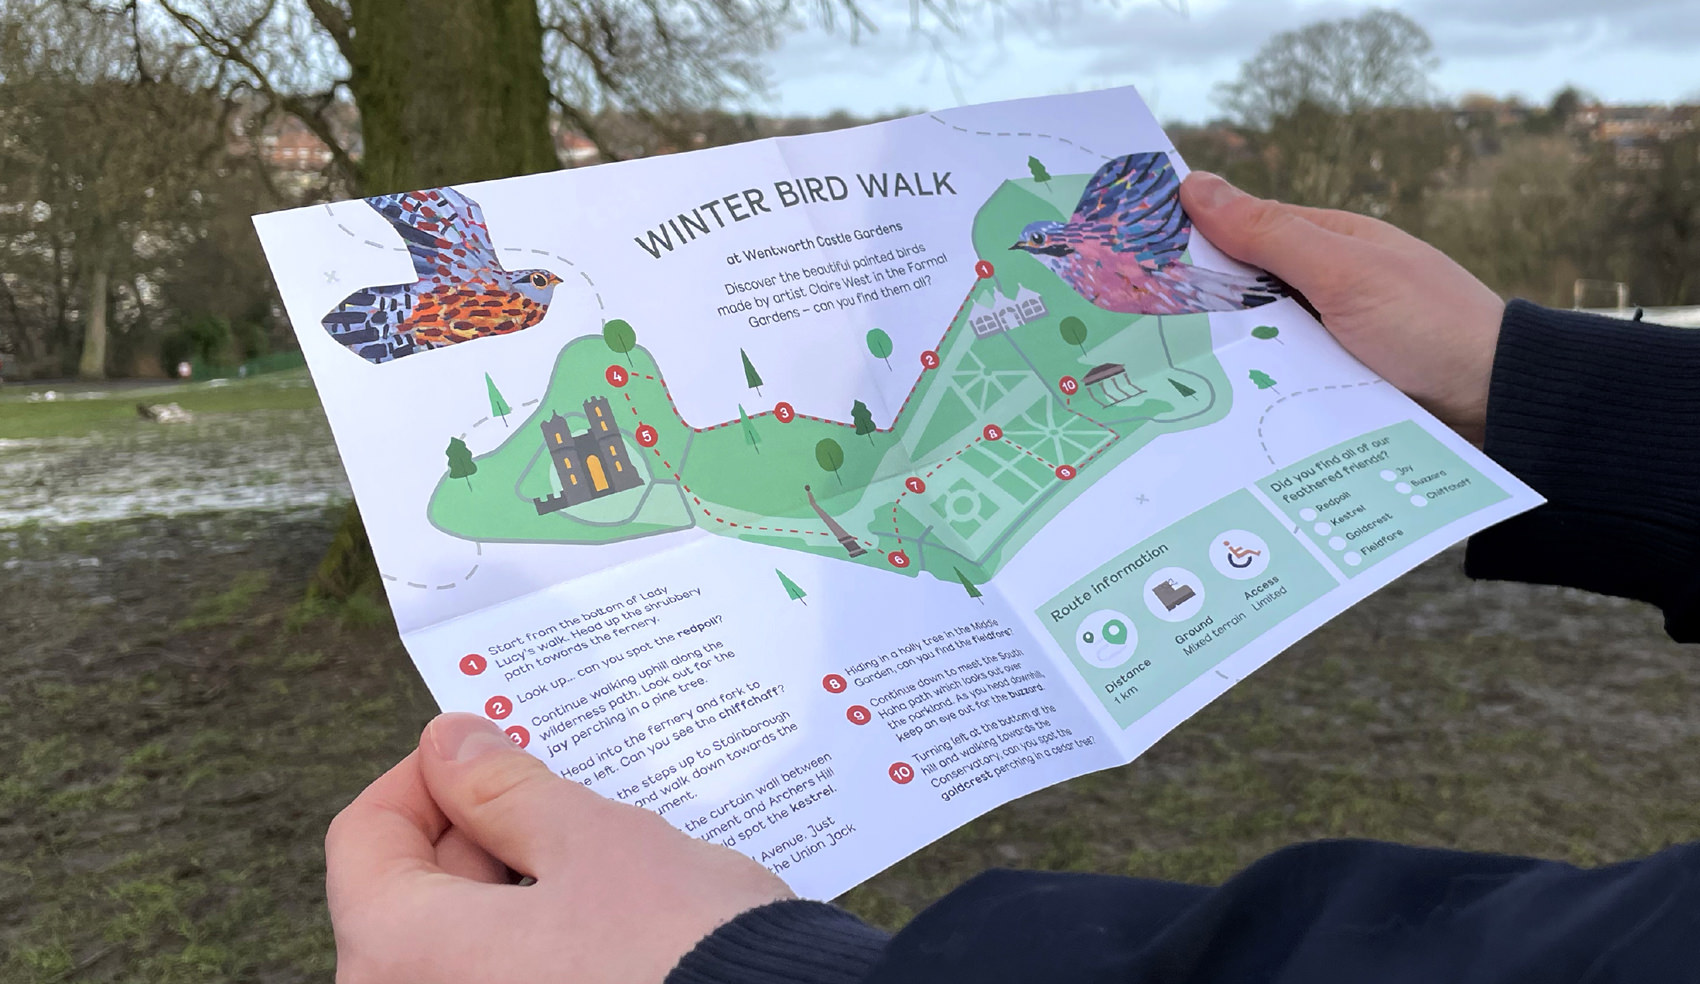 Barnsley Museums National Trust Winter Bird Walk map